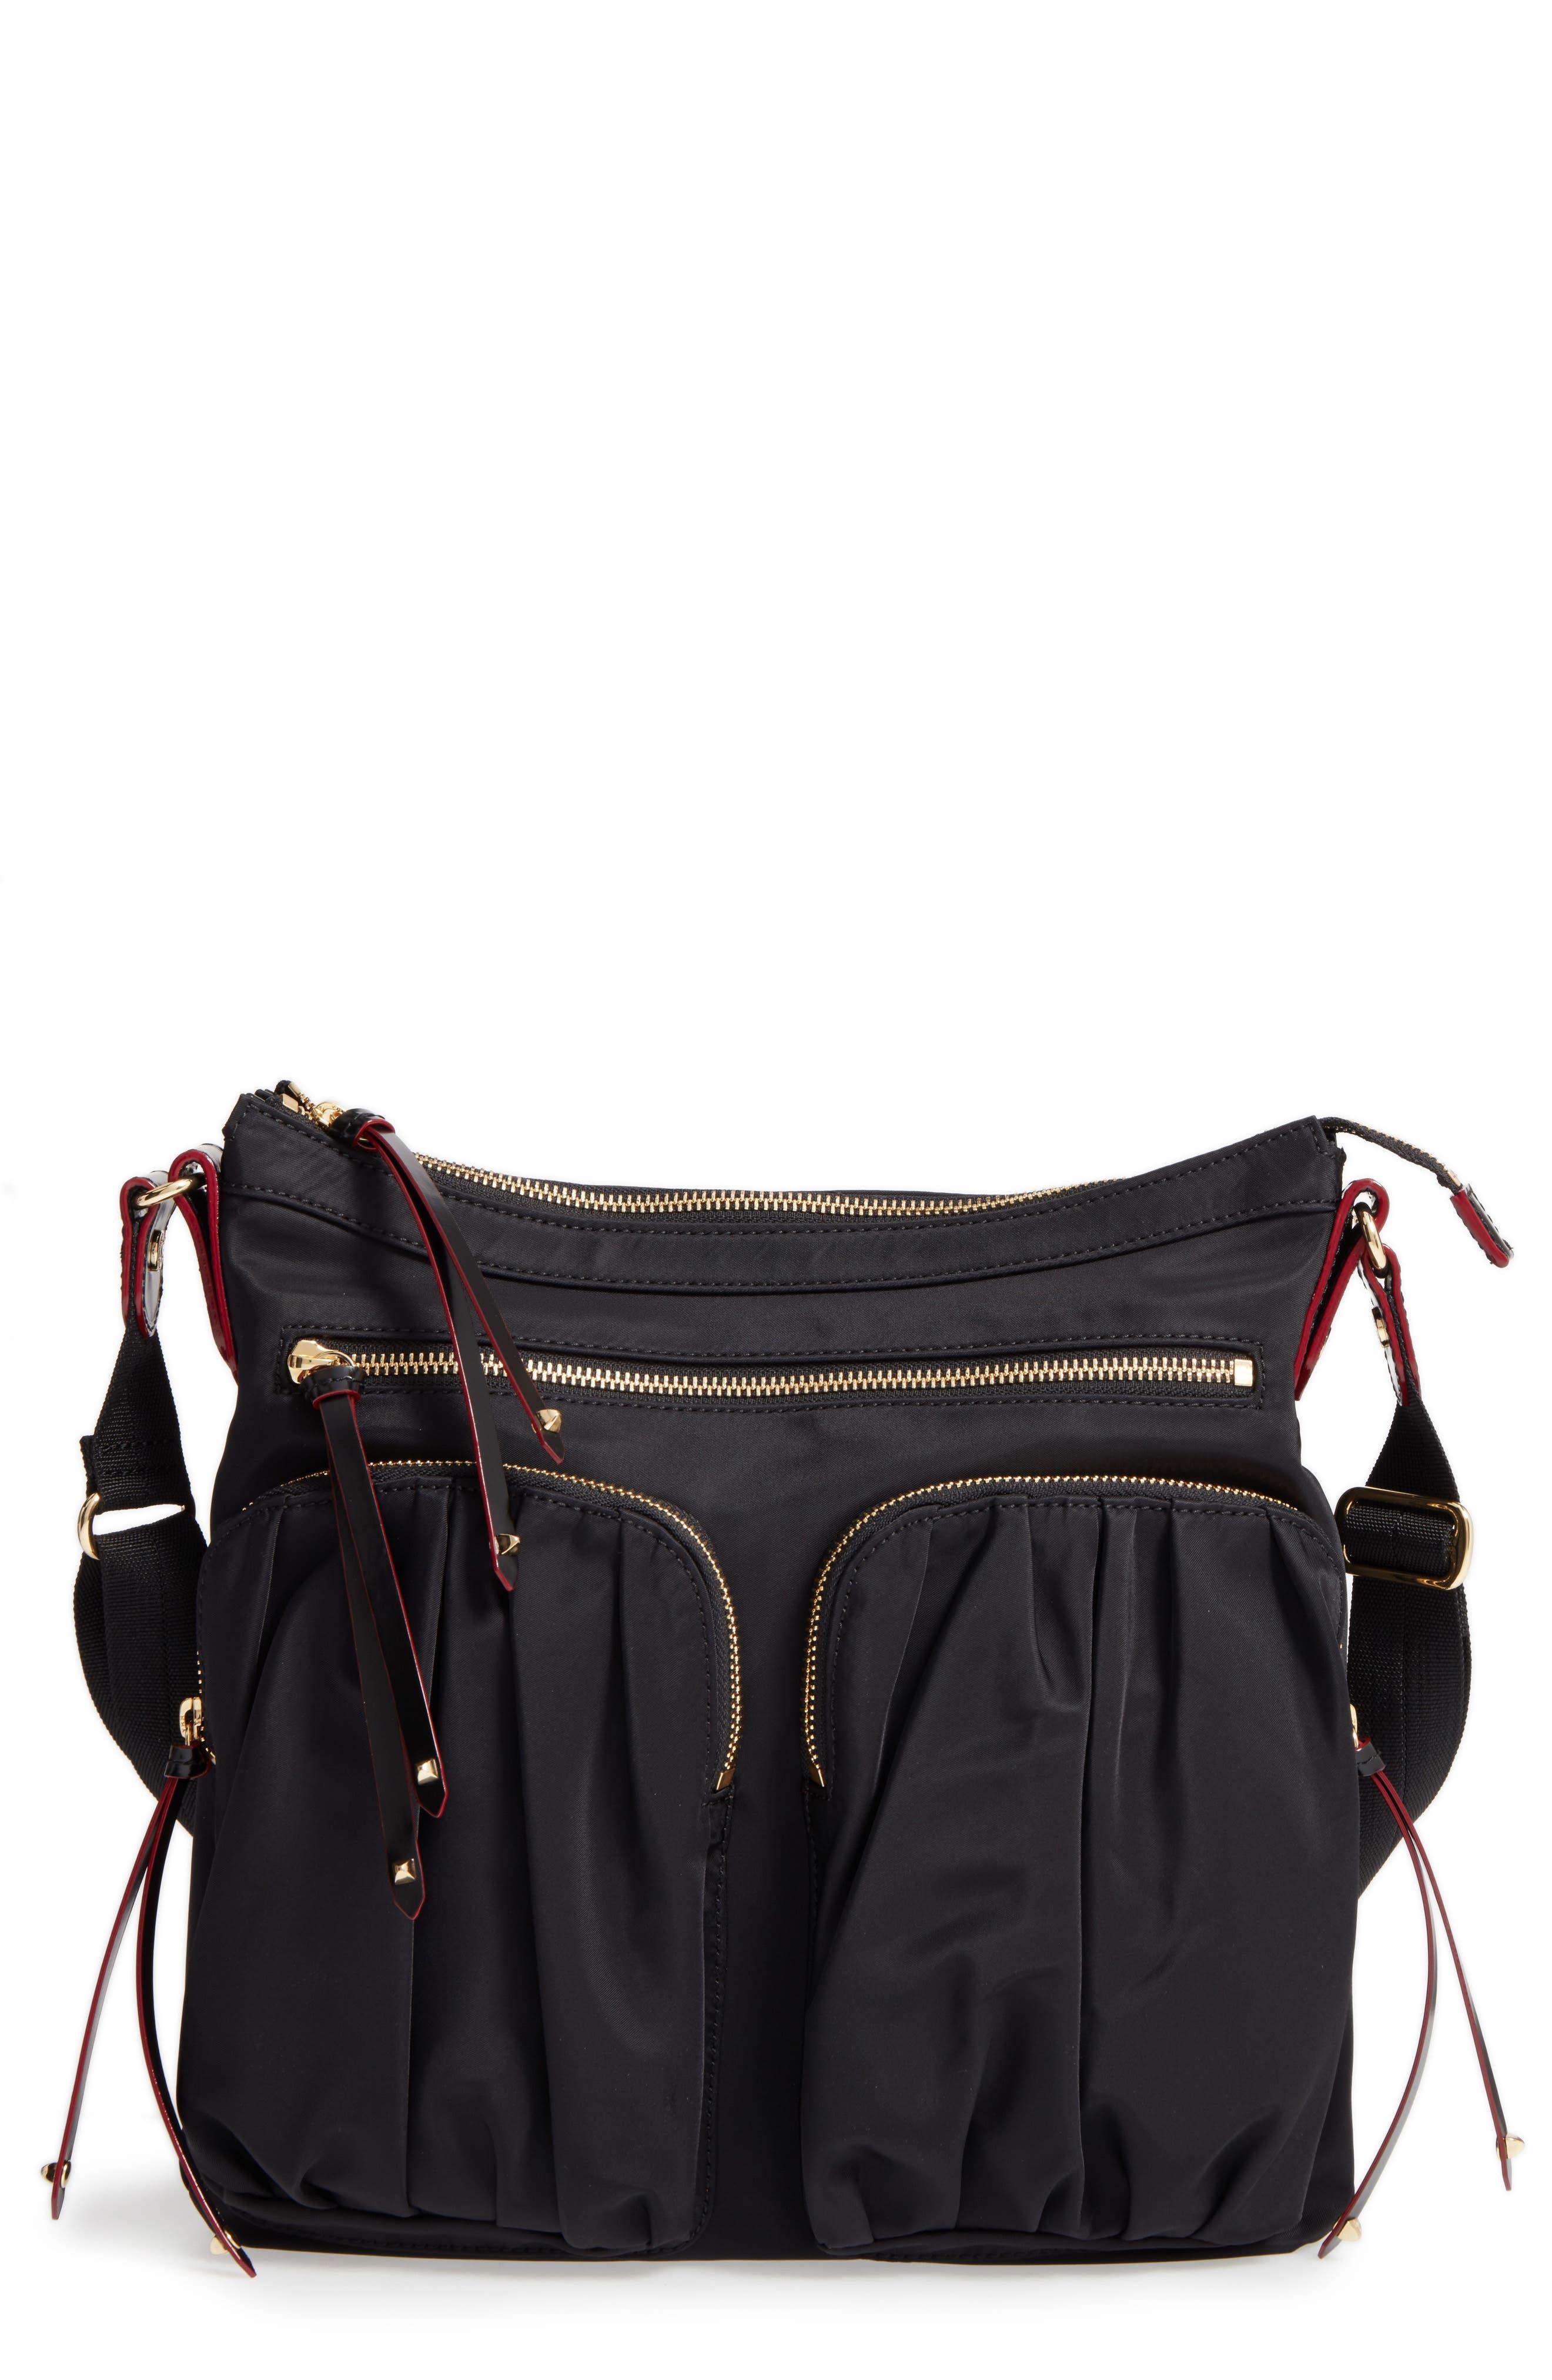 MZ Wallace 'Mia' Bedford Nylon Crossbody Bag